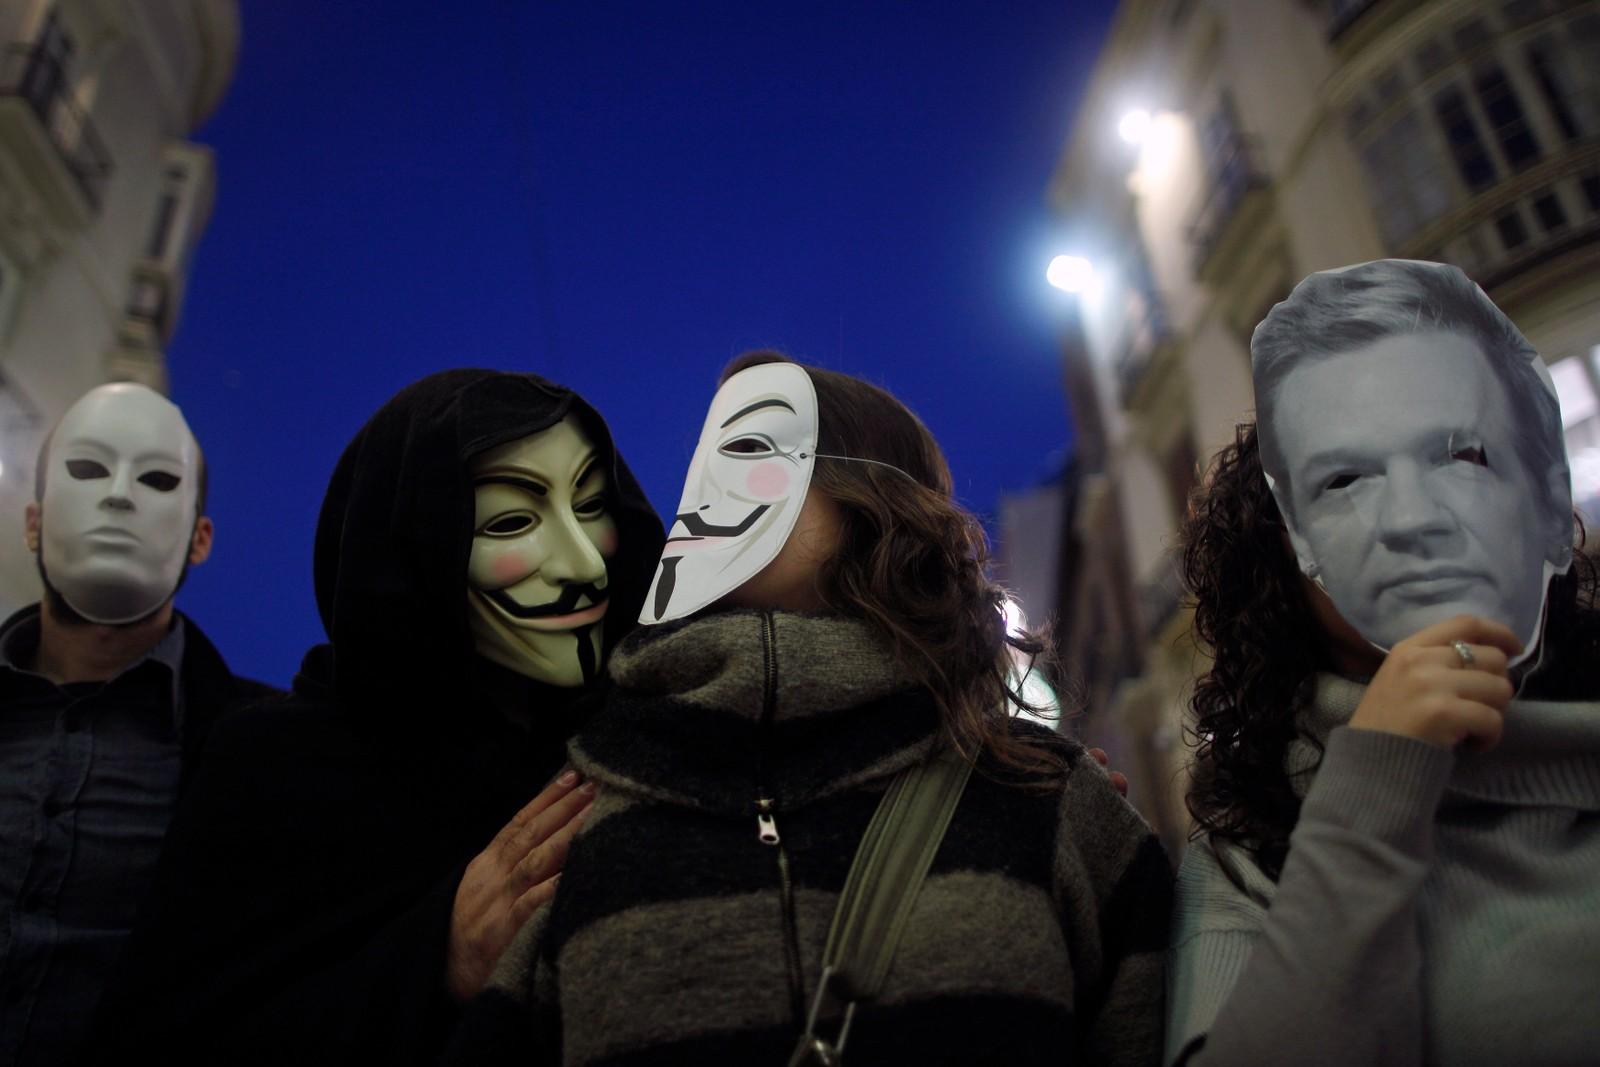 Anonymous sympatiserer blant annet med Wikileaks. Her er noen av aktivistene iført både den klassiske Guy Fawkes-masken gruppen bruker, samt en maske som skal forestille Wikileaks-talsmann Julian Assange.